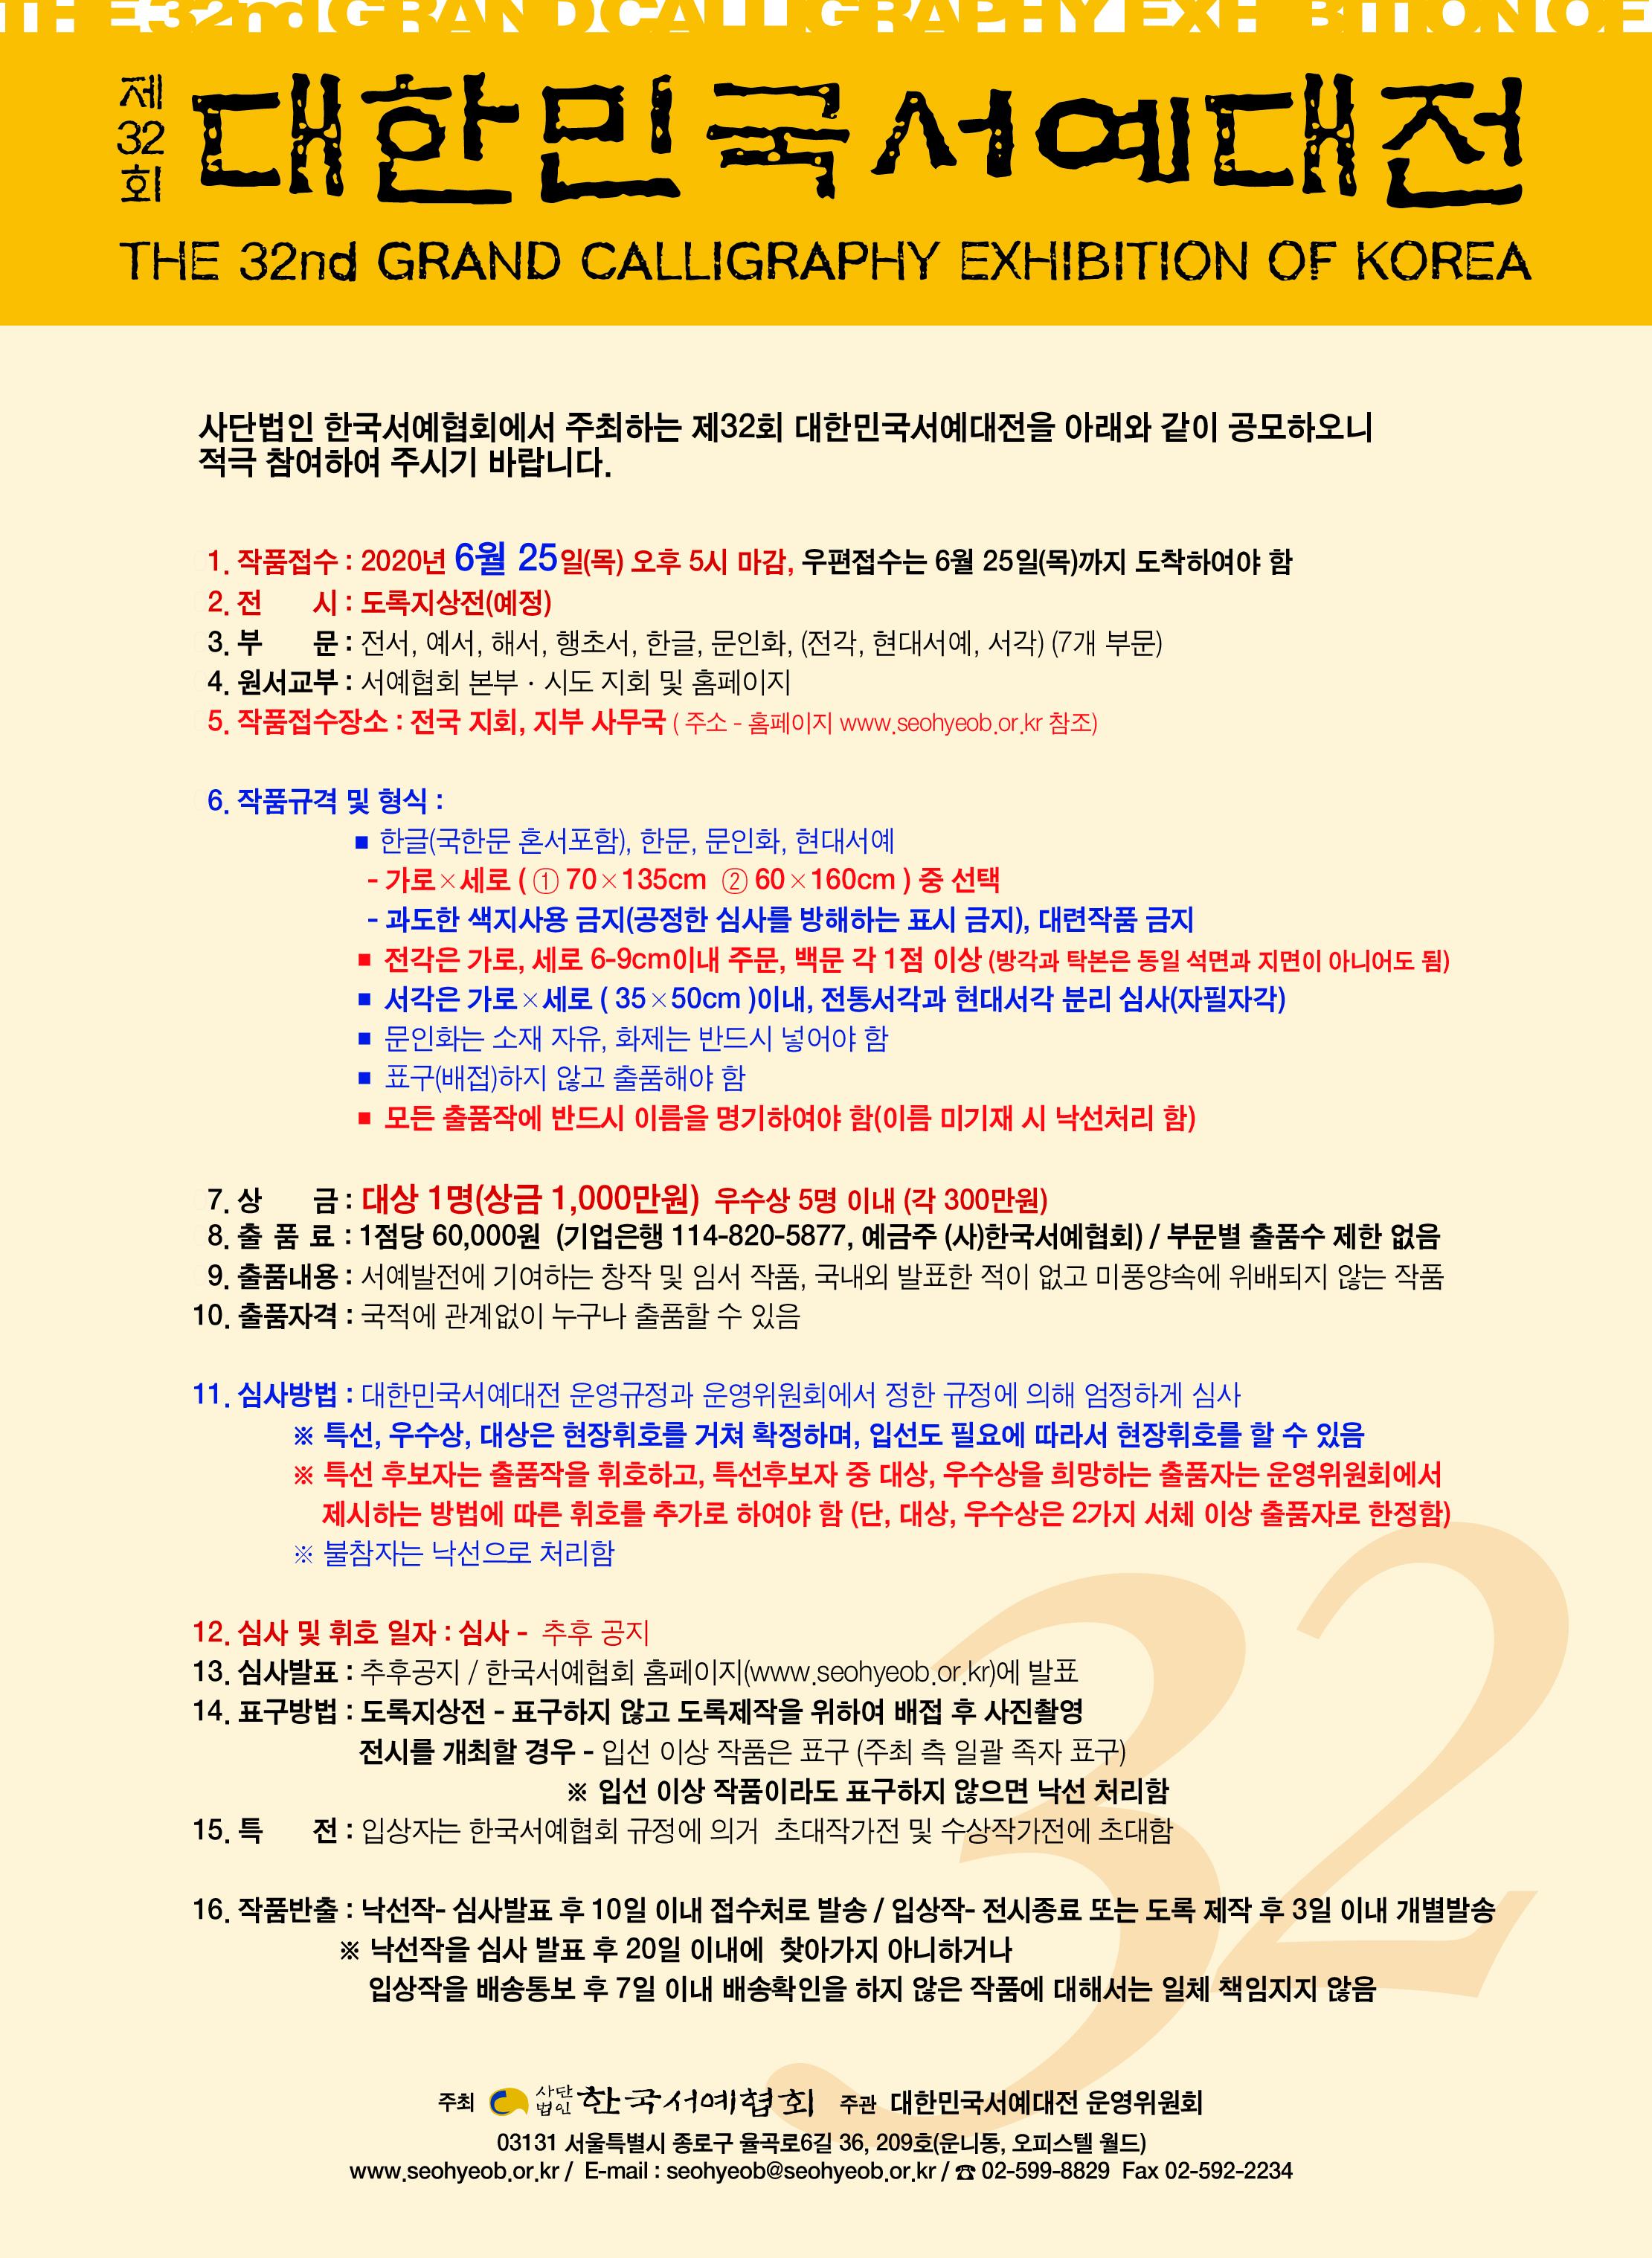 제32회 대한민국서예대전 1면.jpg